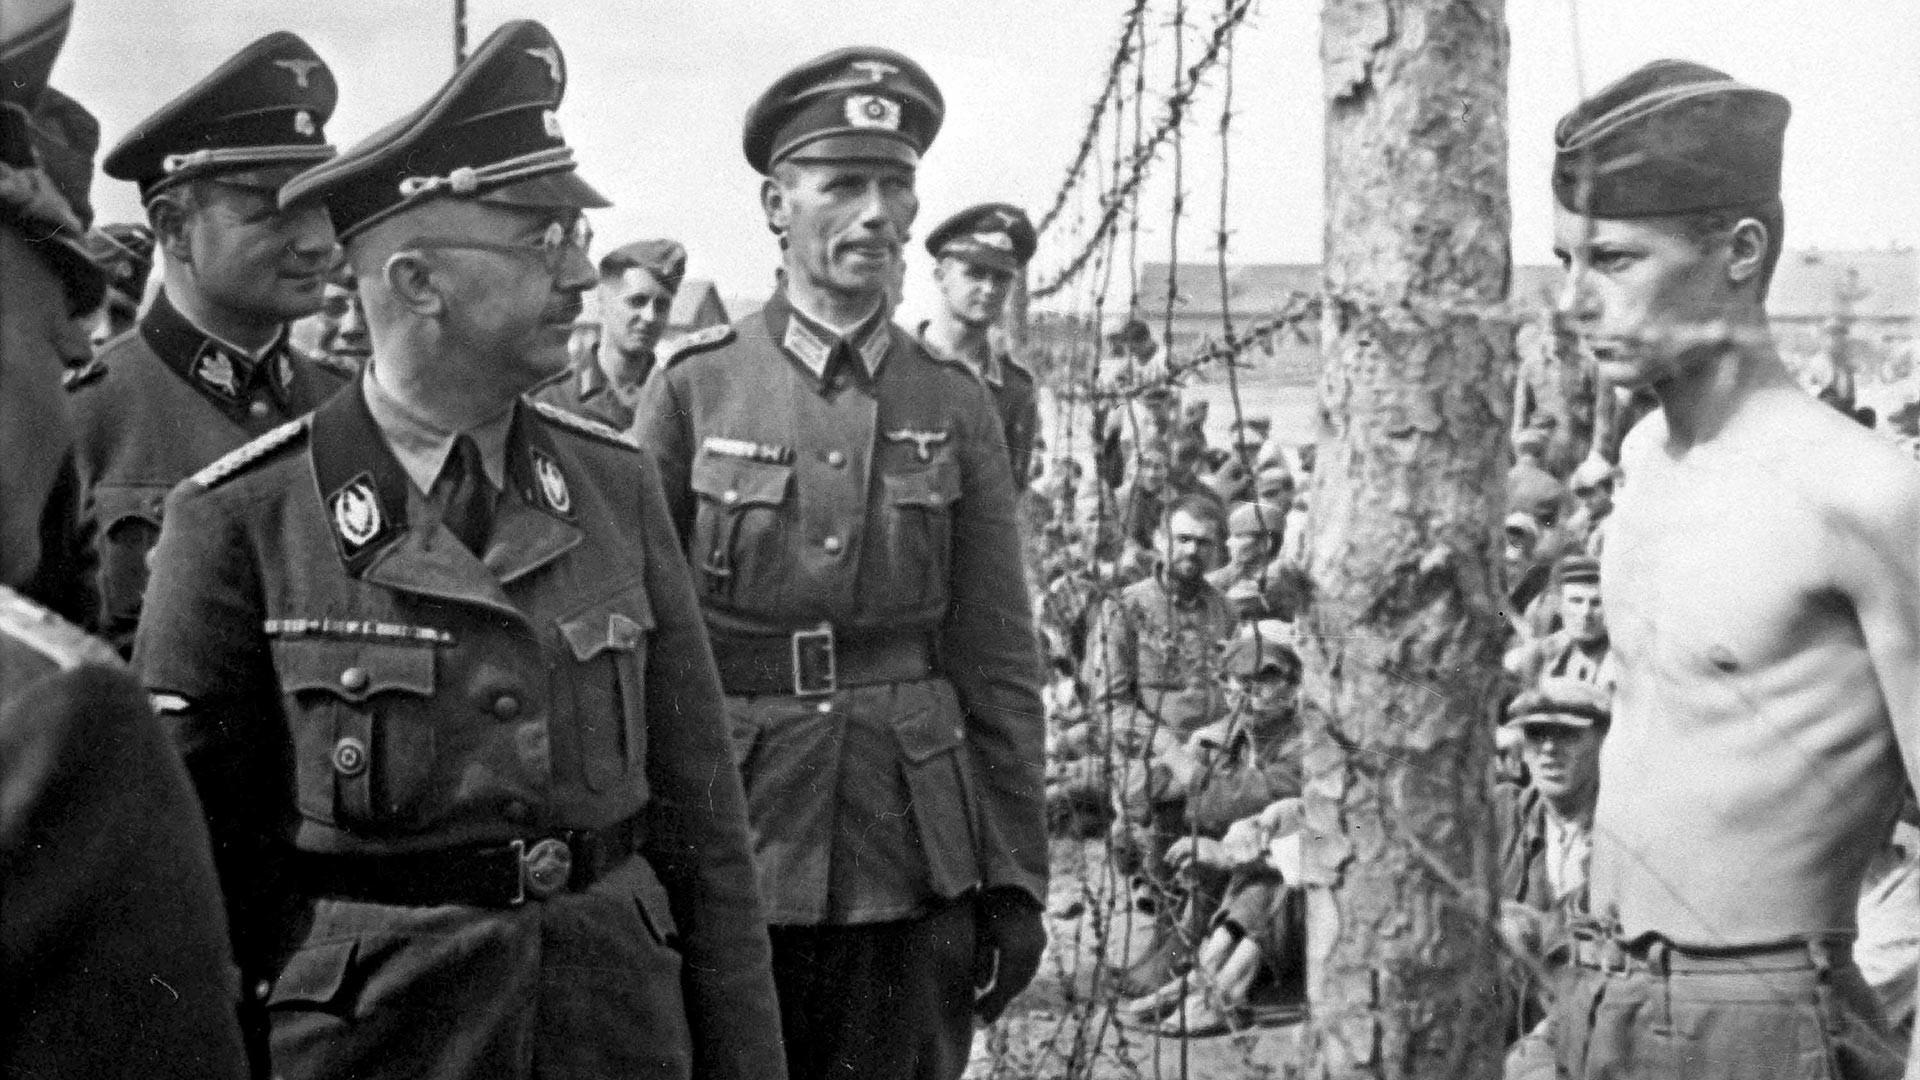 Heinrich Himmler visite un camp de prisonniers de guerre soviétiques en 1942